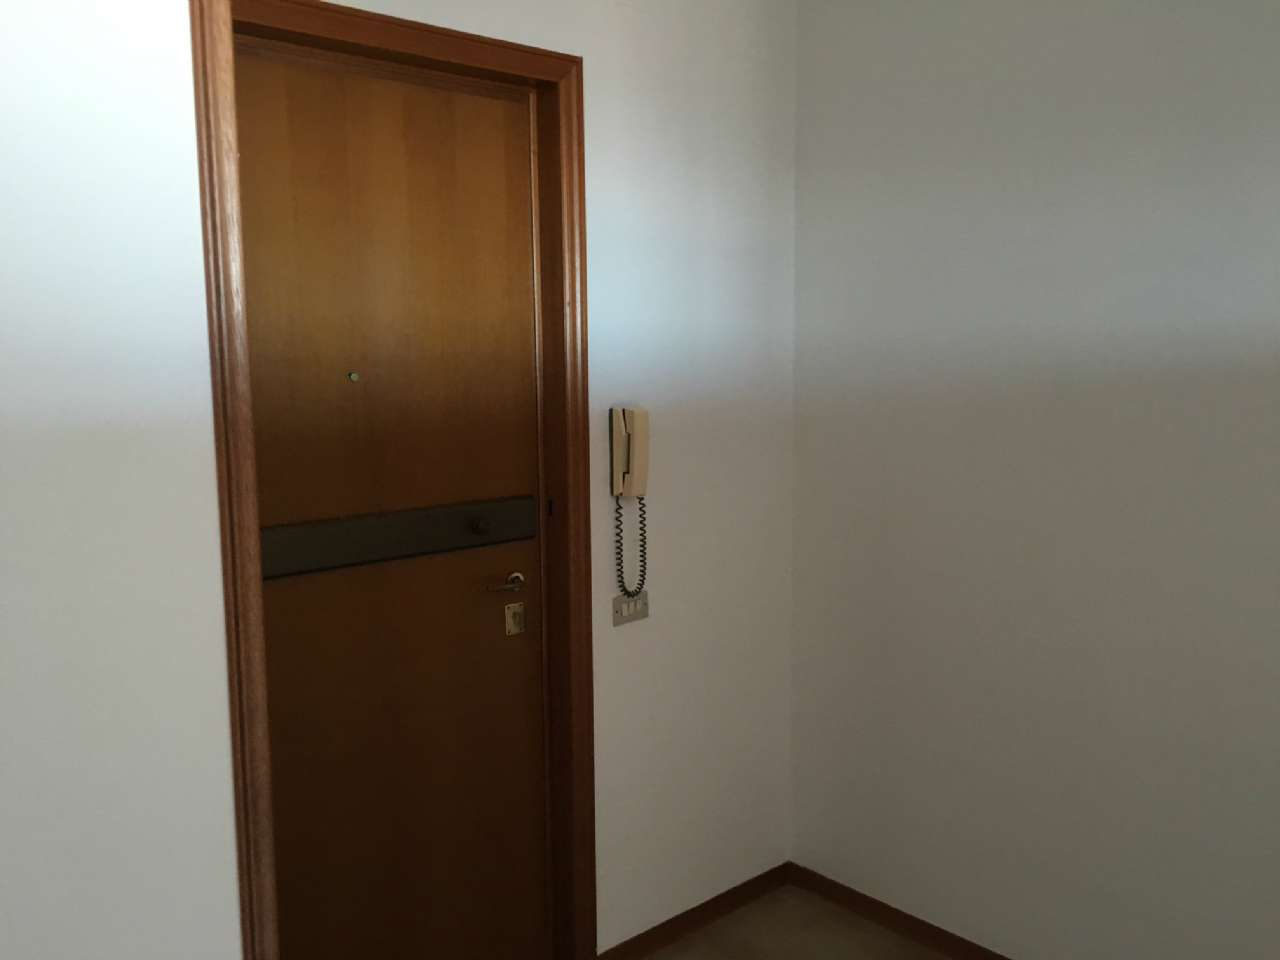 Appartamento in vendita a Campobasso (CB)